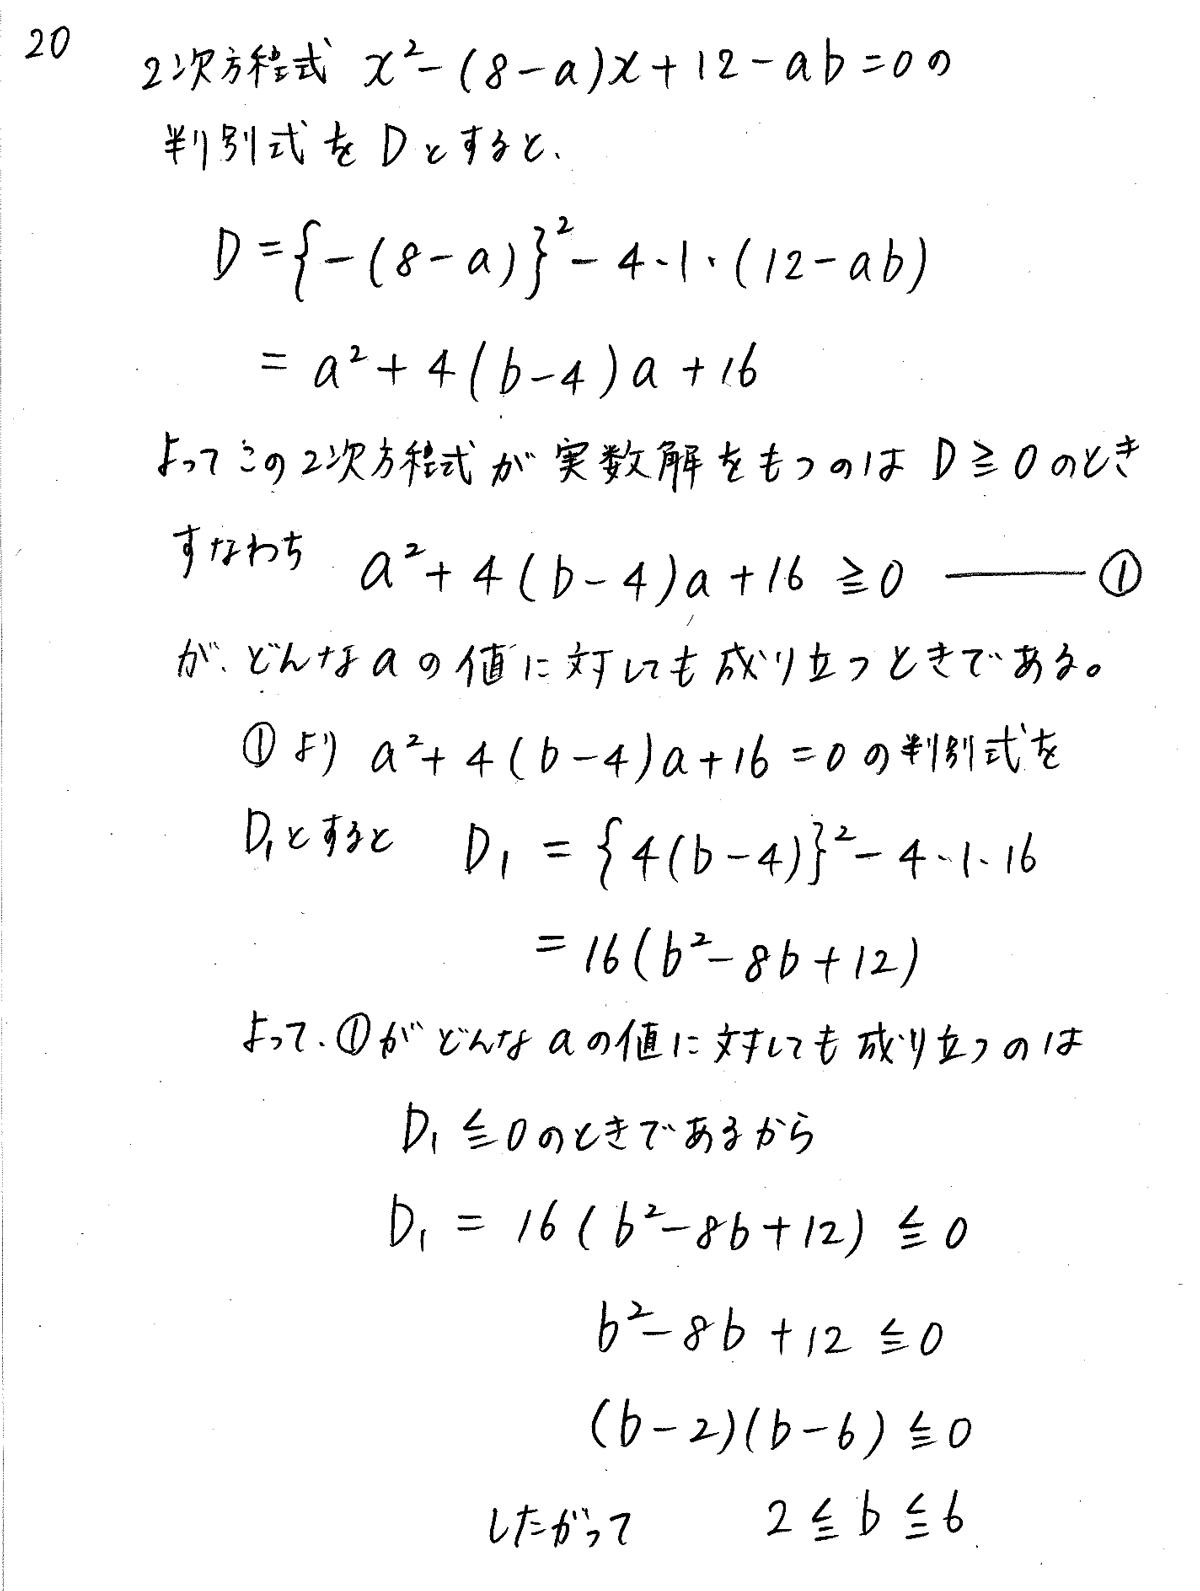 4プロセス数学1-s20解答